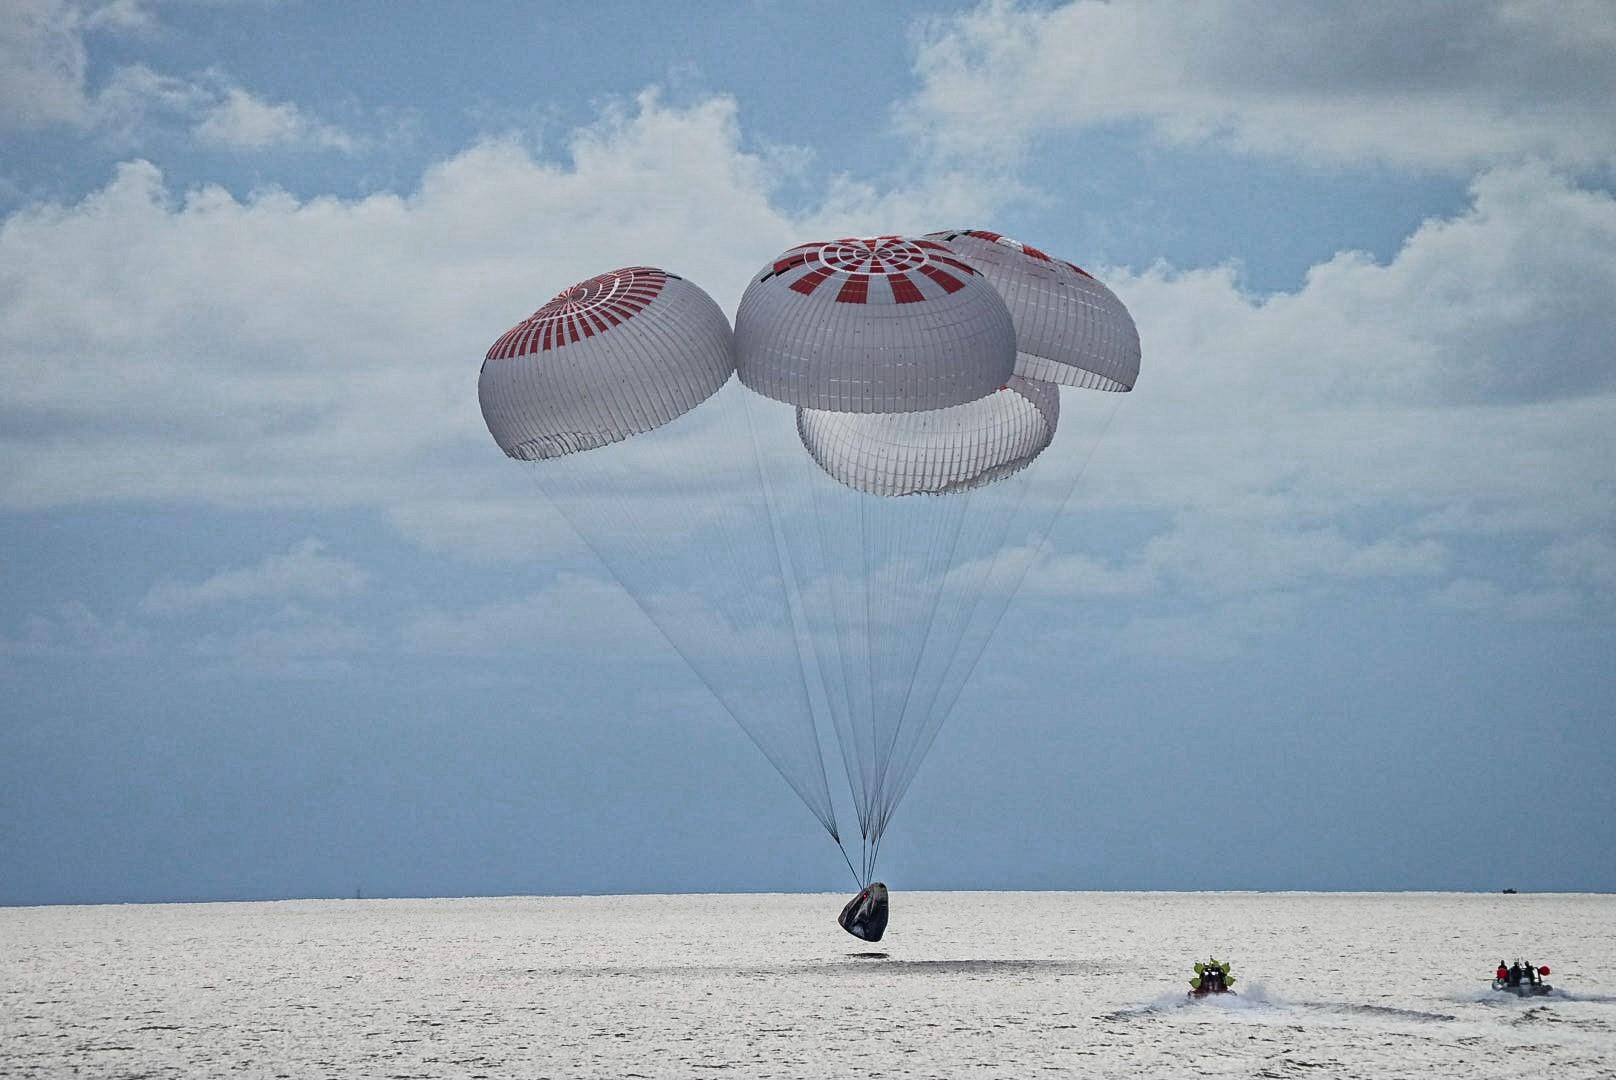 全程无专业宇航员 SpaceX全平民太空旅行团返回地球